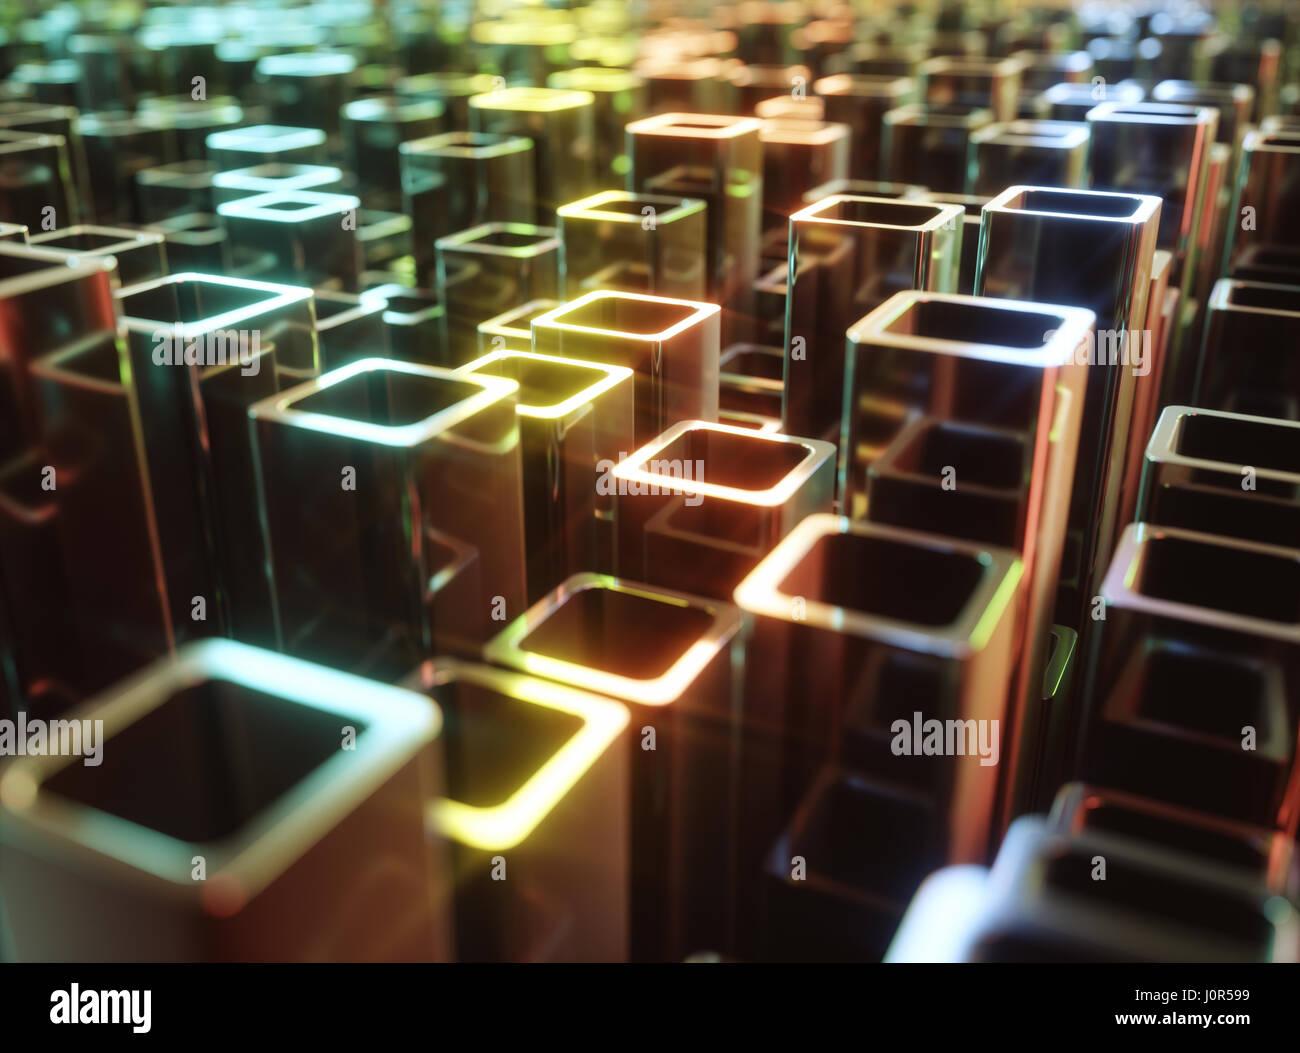 3D'illustrazione. Abstract sfondo costituito da tubi metallici che riflettono luci colorate. Immagini Stock